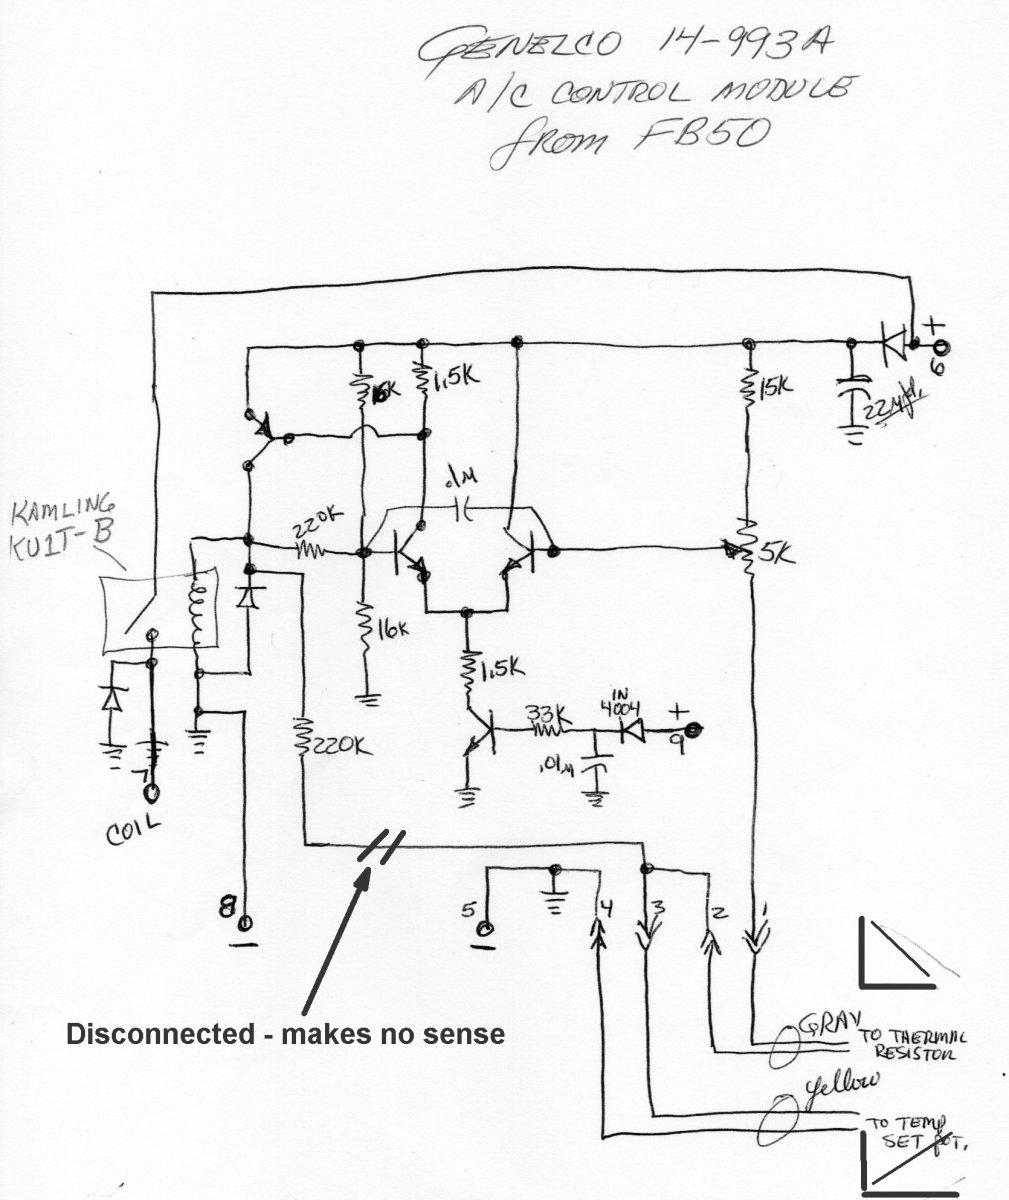 Genelco 14-993A AC control001.jpg